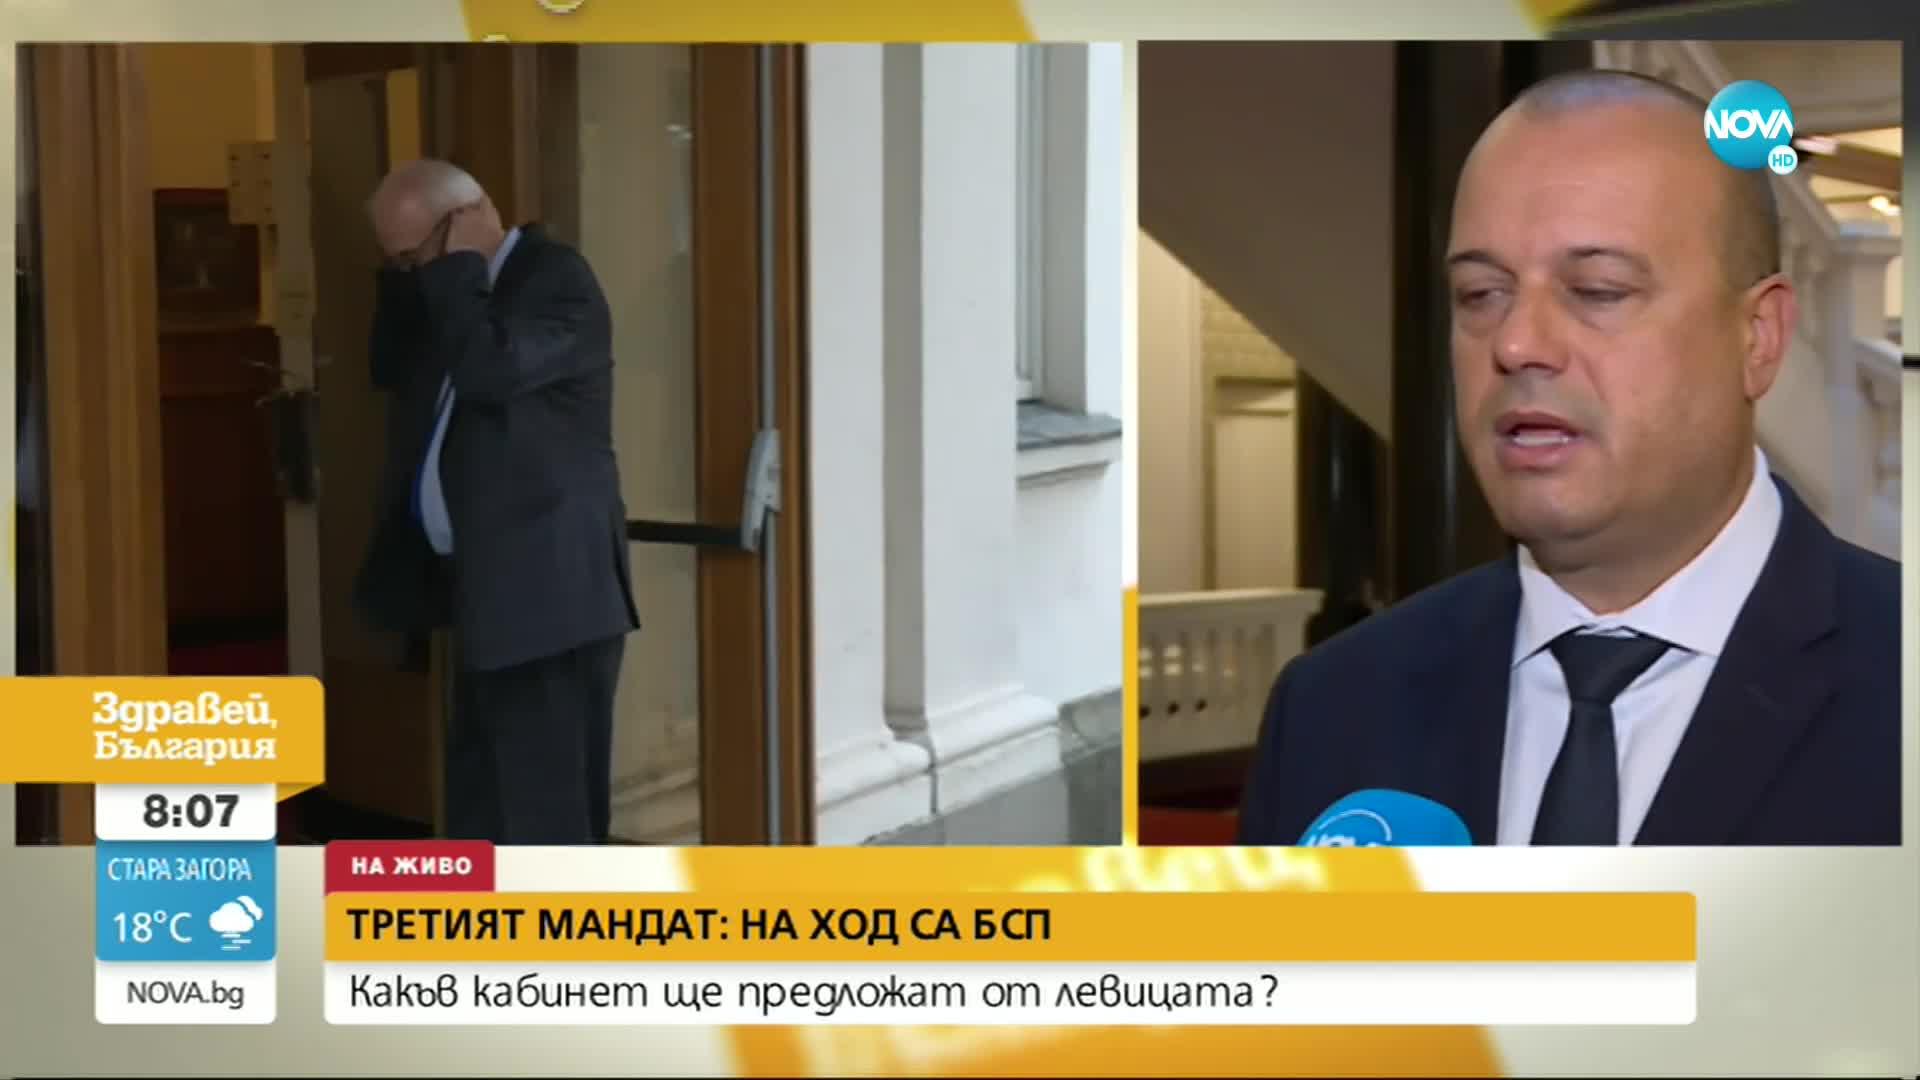 Христо Проданов, БСП: Недопустимо е да хвърлим държавата отново в избори